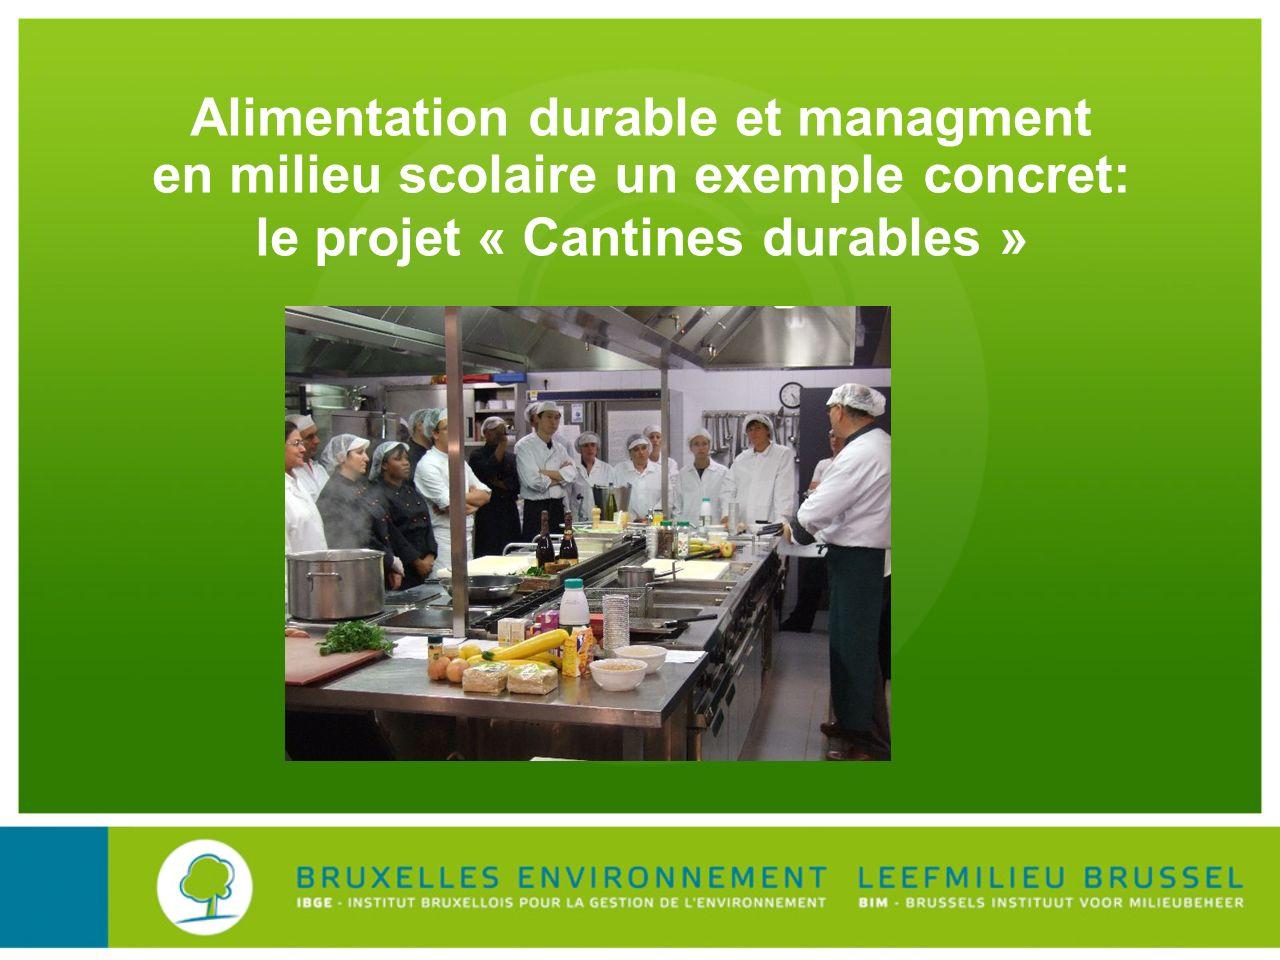 Alimentation durable et managment en milieu scolaire un exemple concret: le projet « Cantines durables »